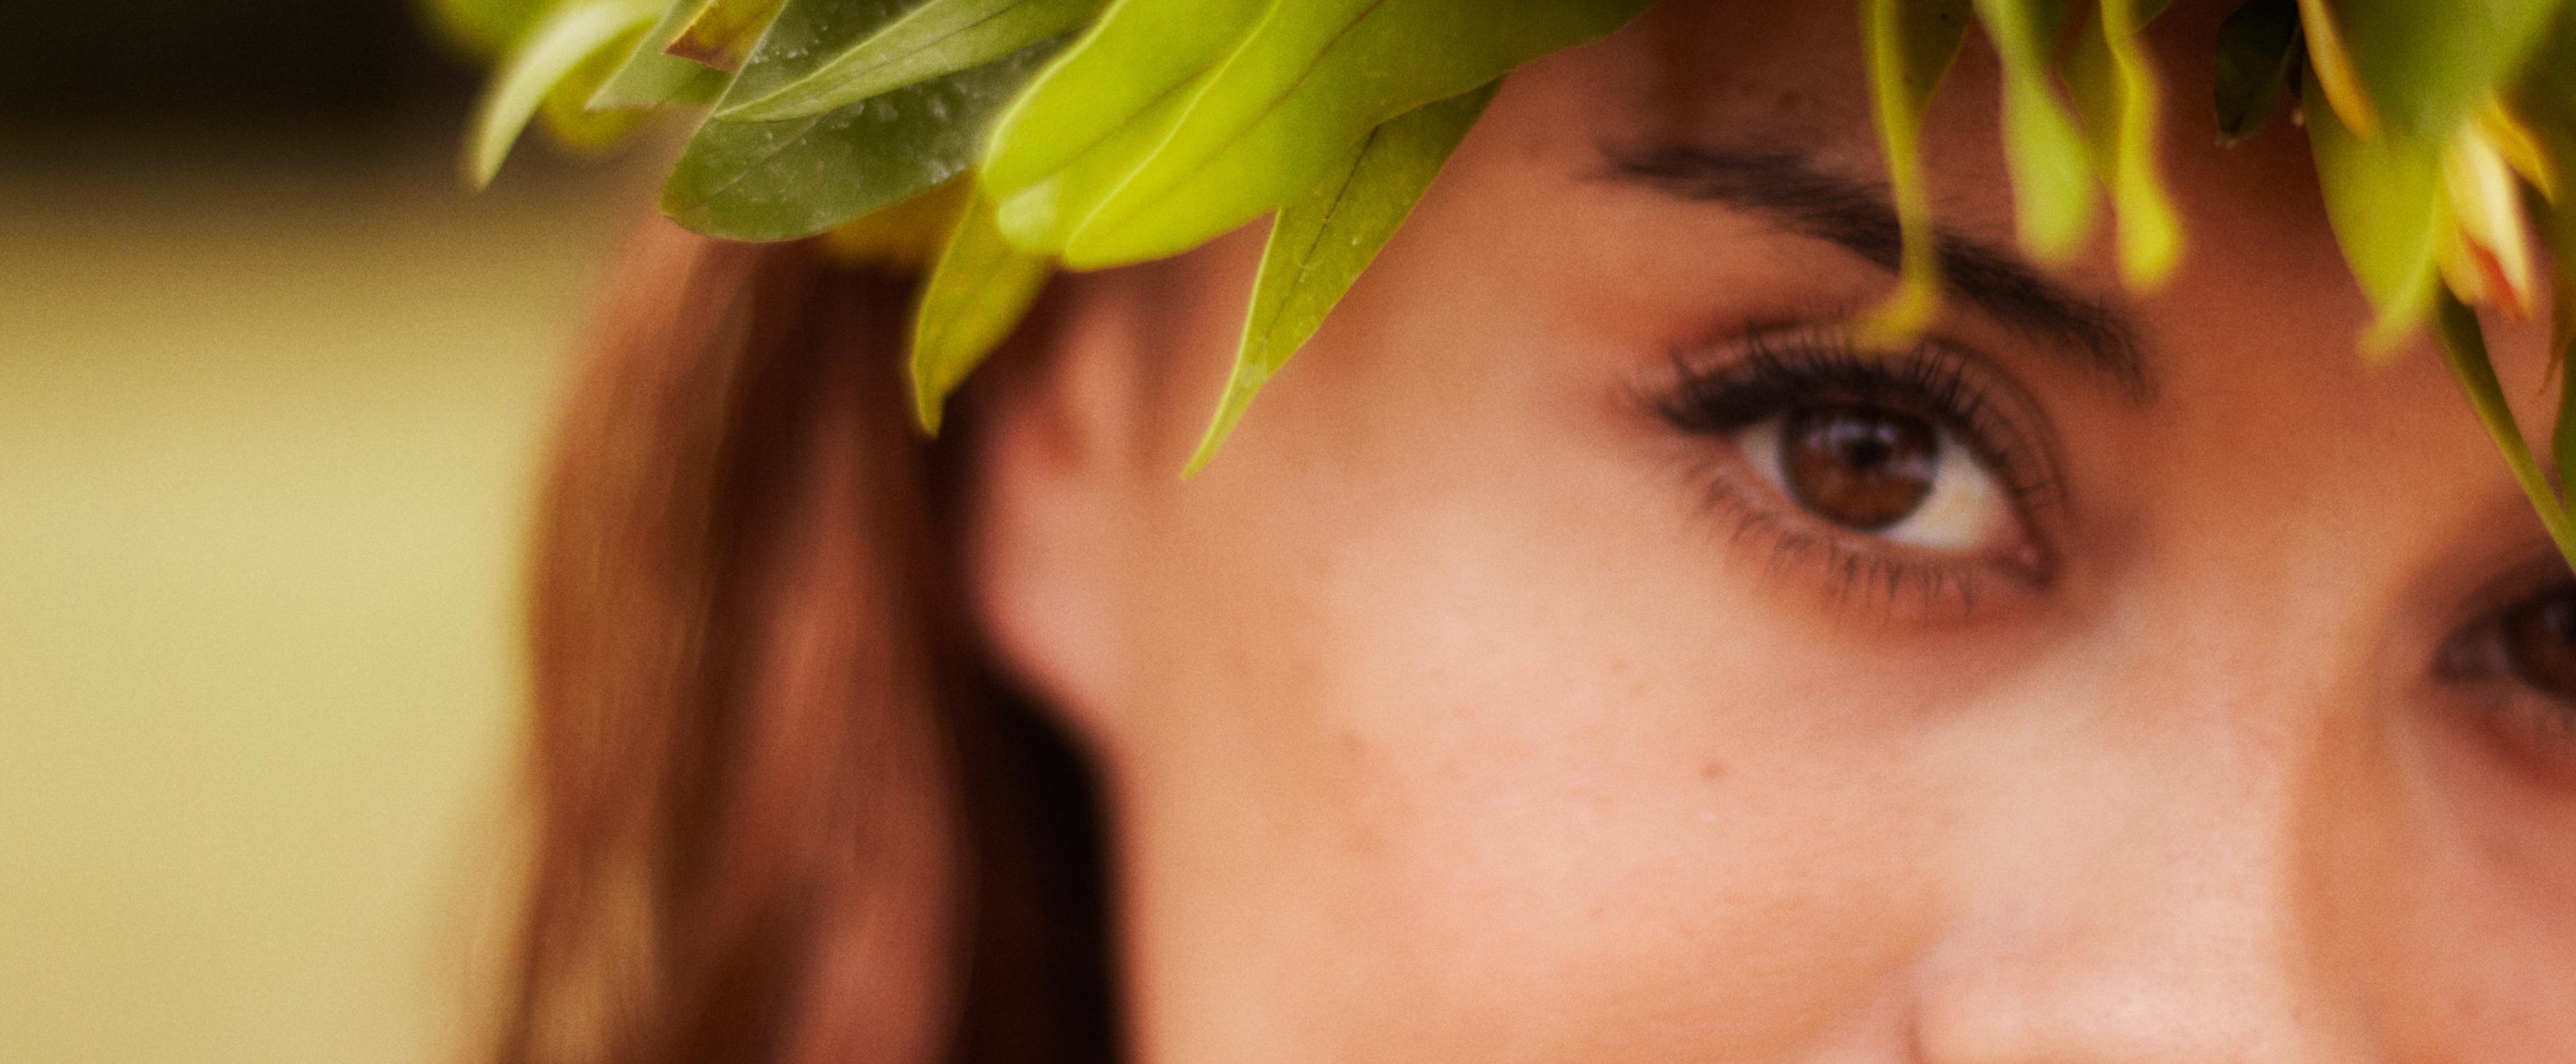 伝統的なヘッドピースを着けたハワイの女性